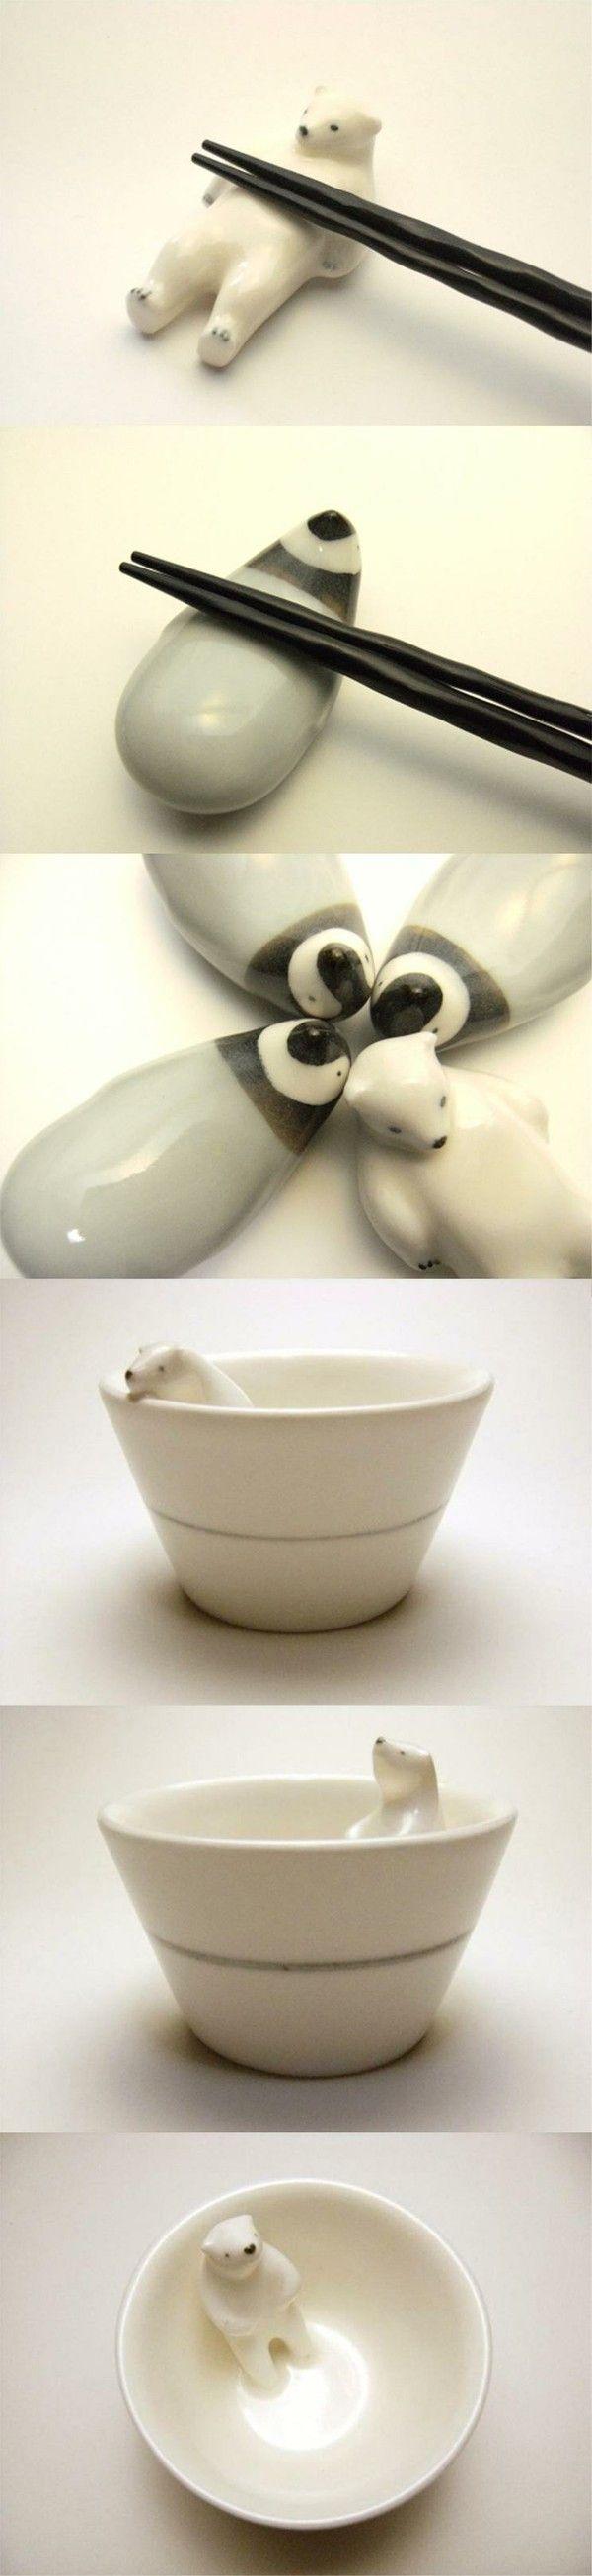 筷架 北极熊和企鹅!!!!陶艺家多田誠三创办的品牌-楽土Raku-do